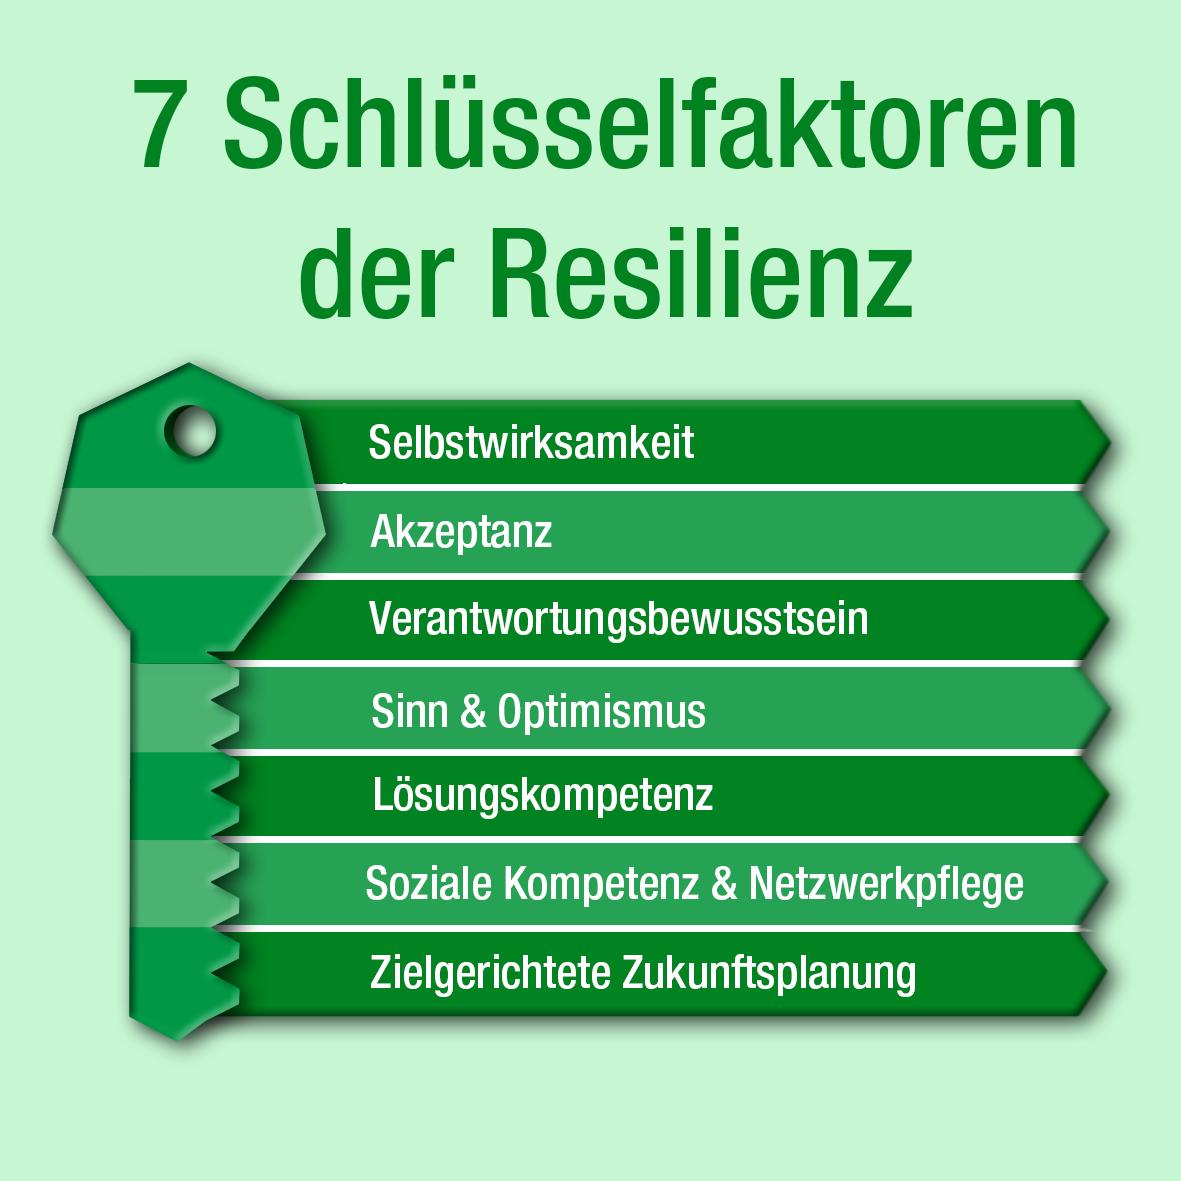 Schaubild 7 Schlüsselfaktoren der Resilienz in der Rehabilitation